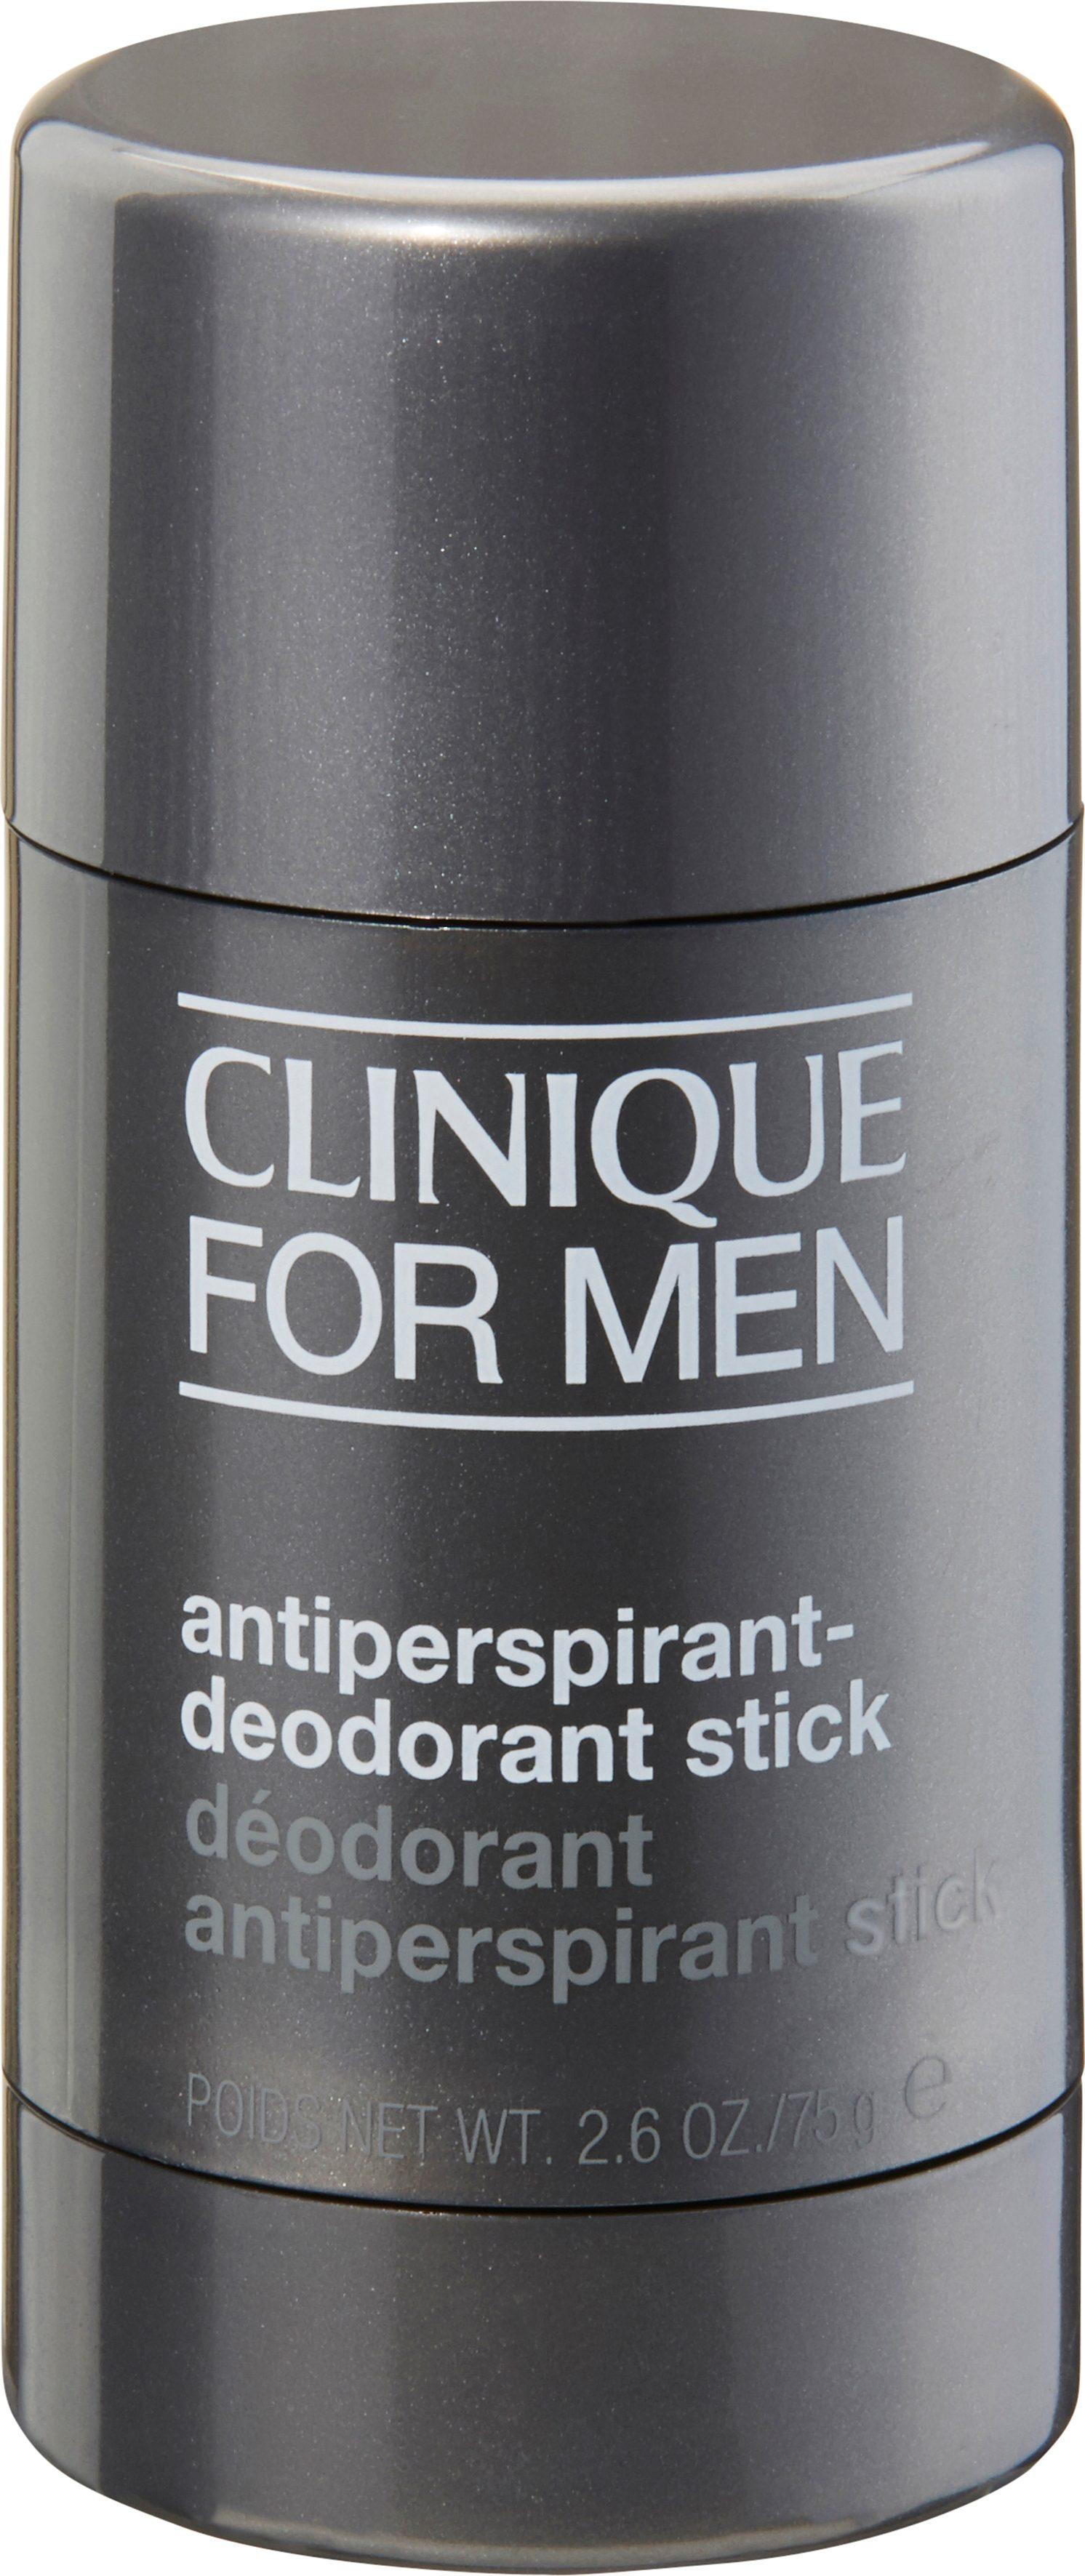 Clinique, »Antiperspirant-Deodorant Stick«, Deo Stift